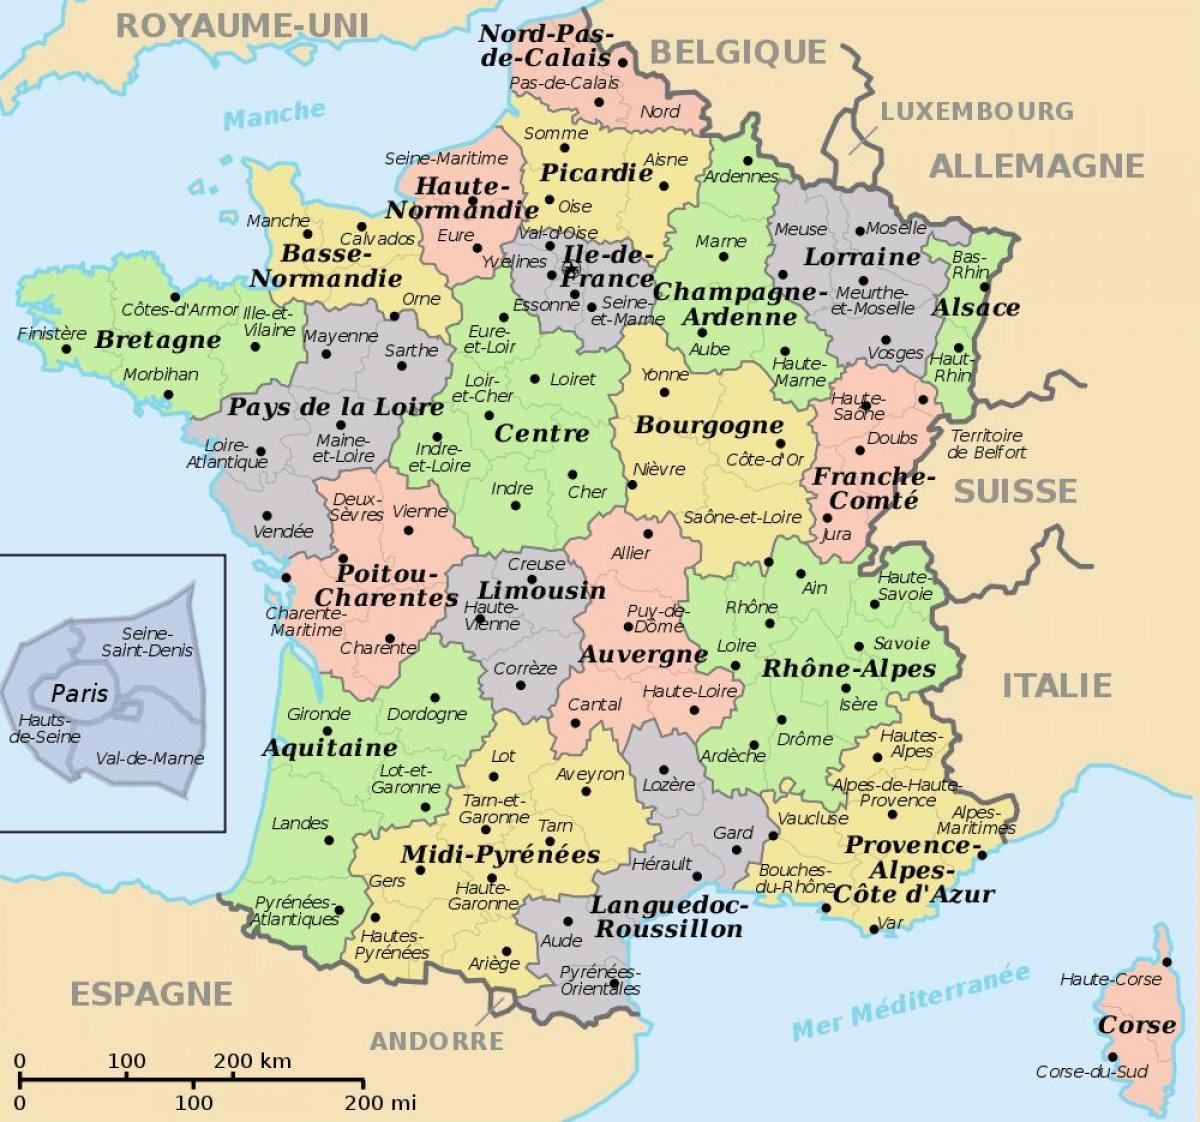 regioner i frankrike karta Regioner i Frankrike karta   Karta över Frankrike och regioner  regioner i frankrike karta